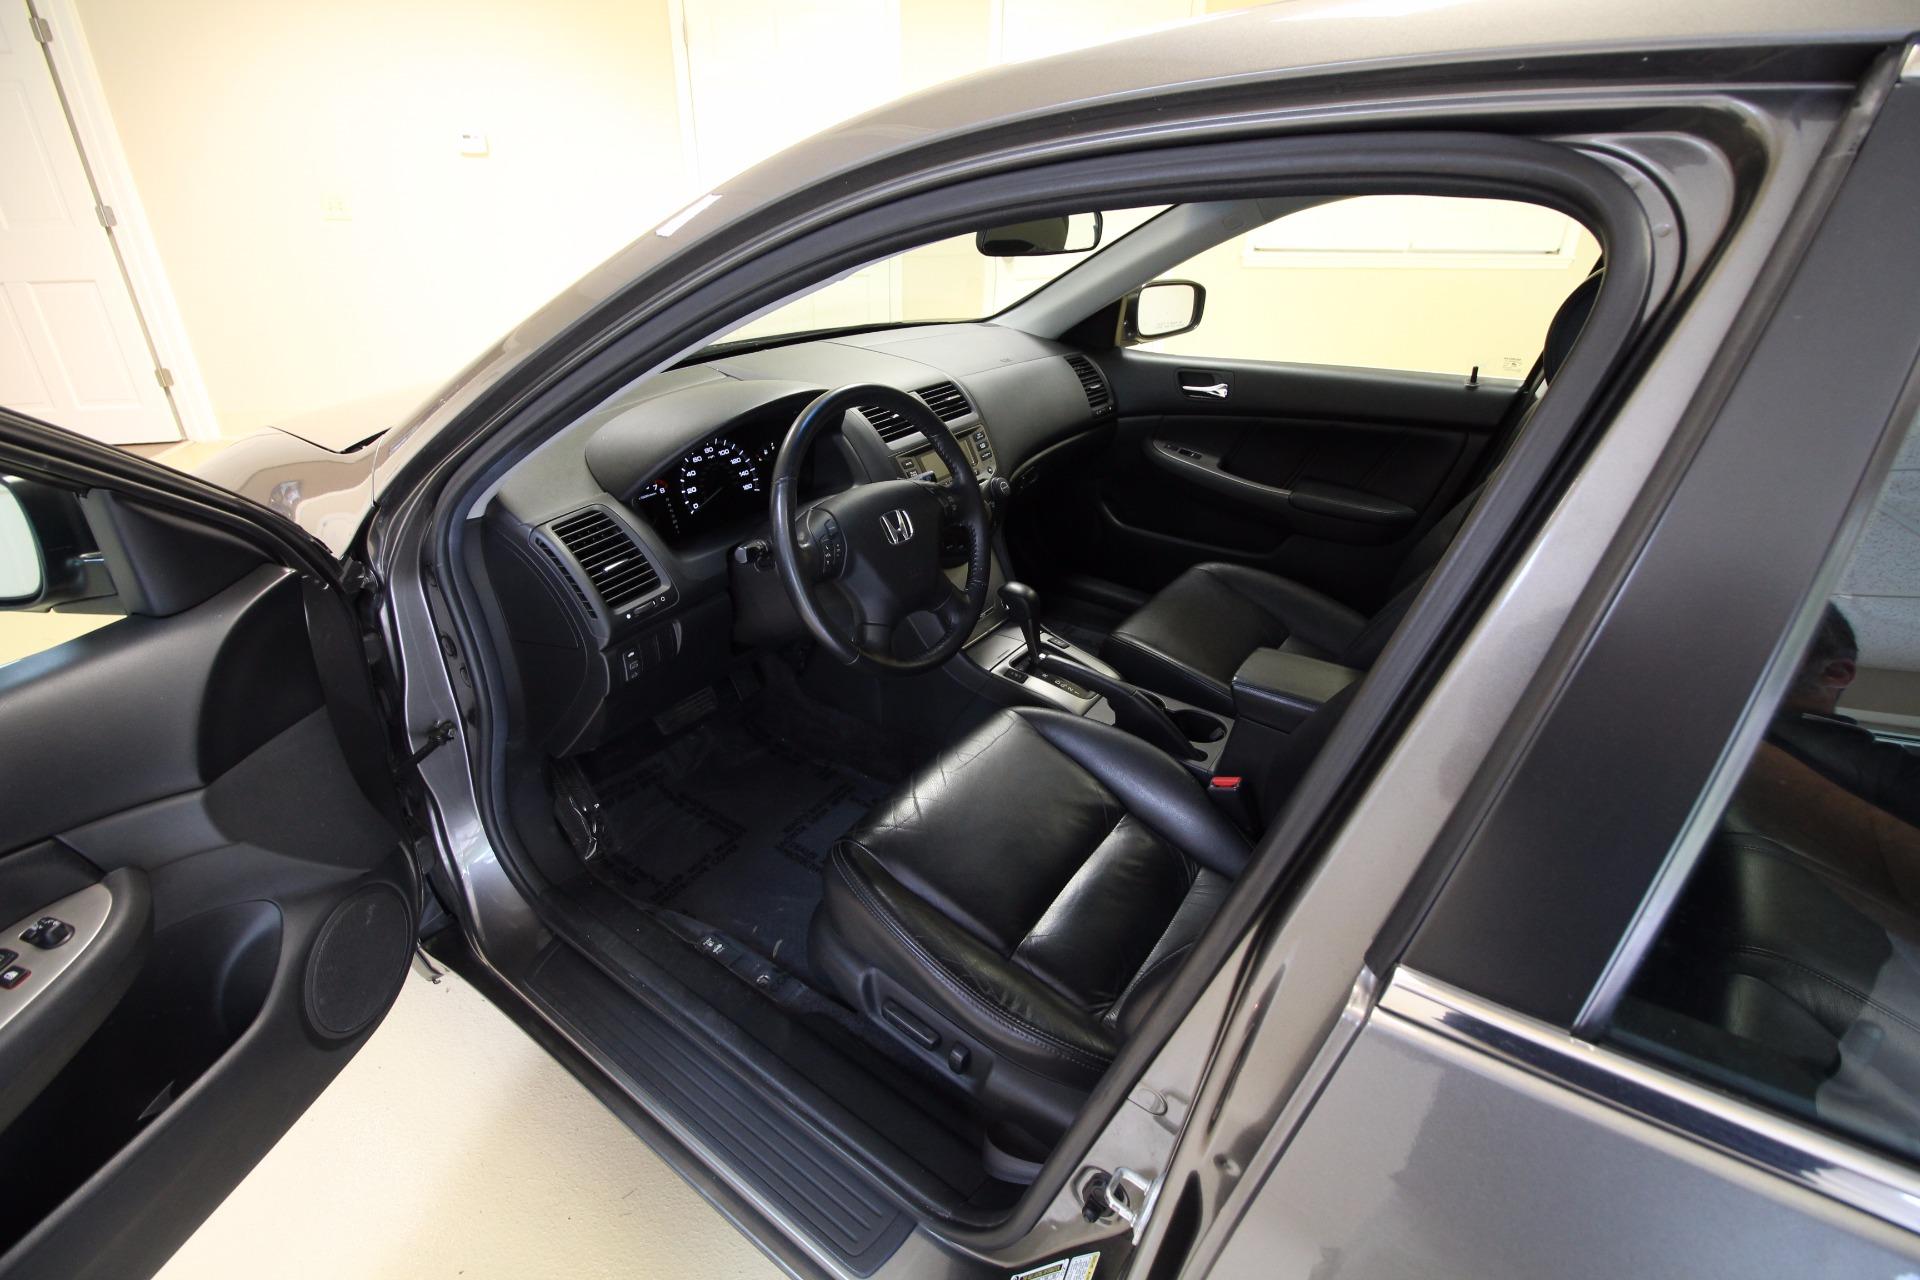 Used 2006 Honda Accord EX Sedan AT w/ Leather and XM Radio | Albany, NY